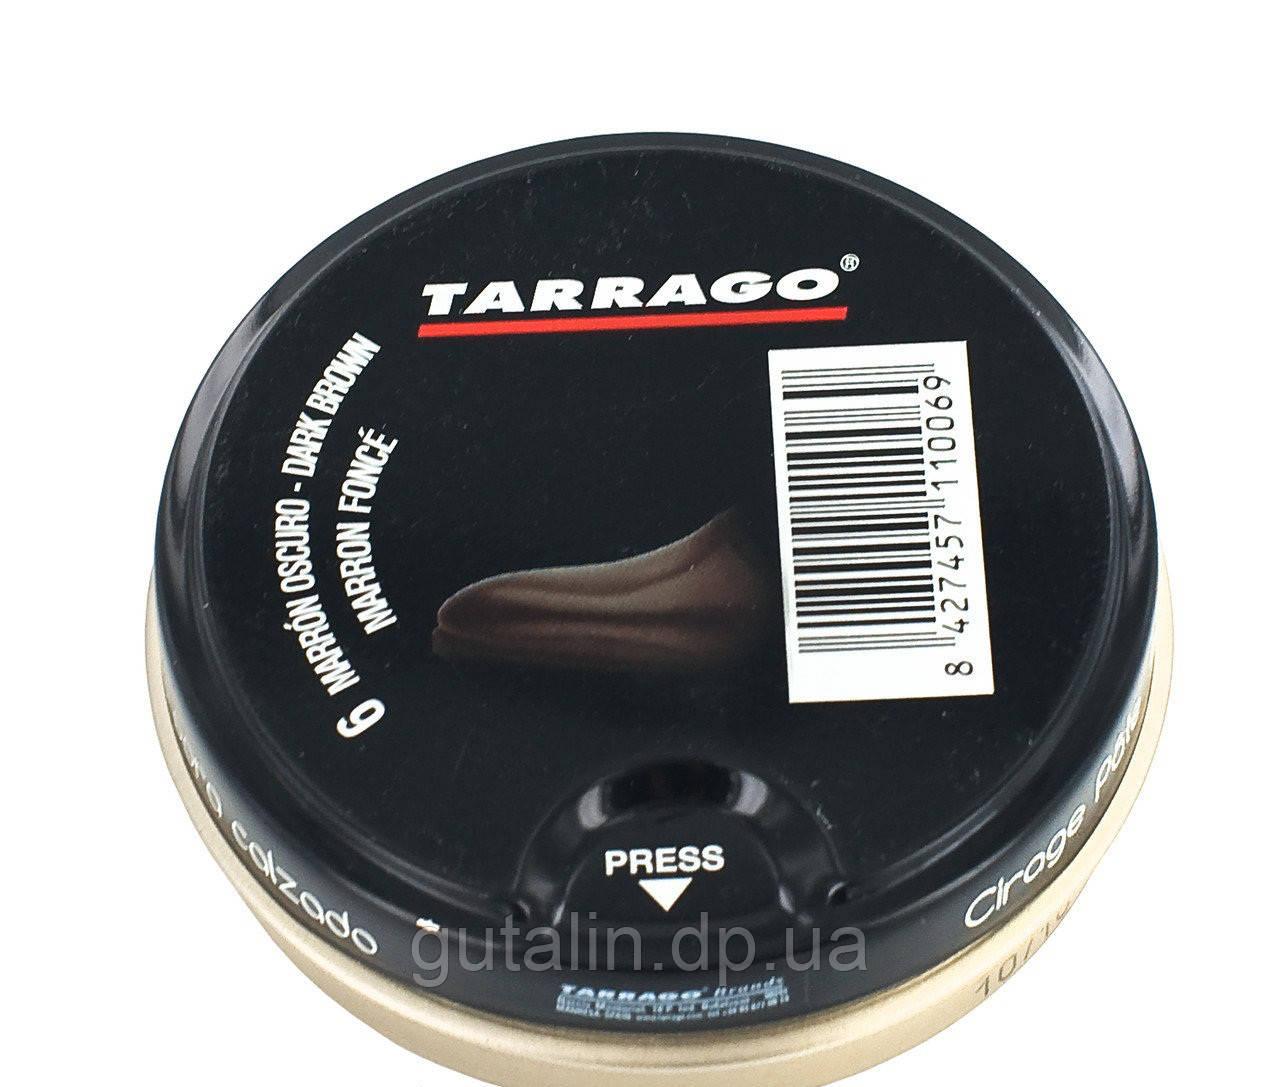 Крем-паста для обуви Tarrago Shoe Polish, 50 мл, цв. темно-коричневый (06)